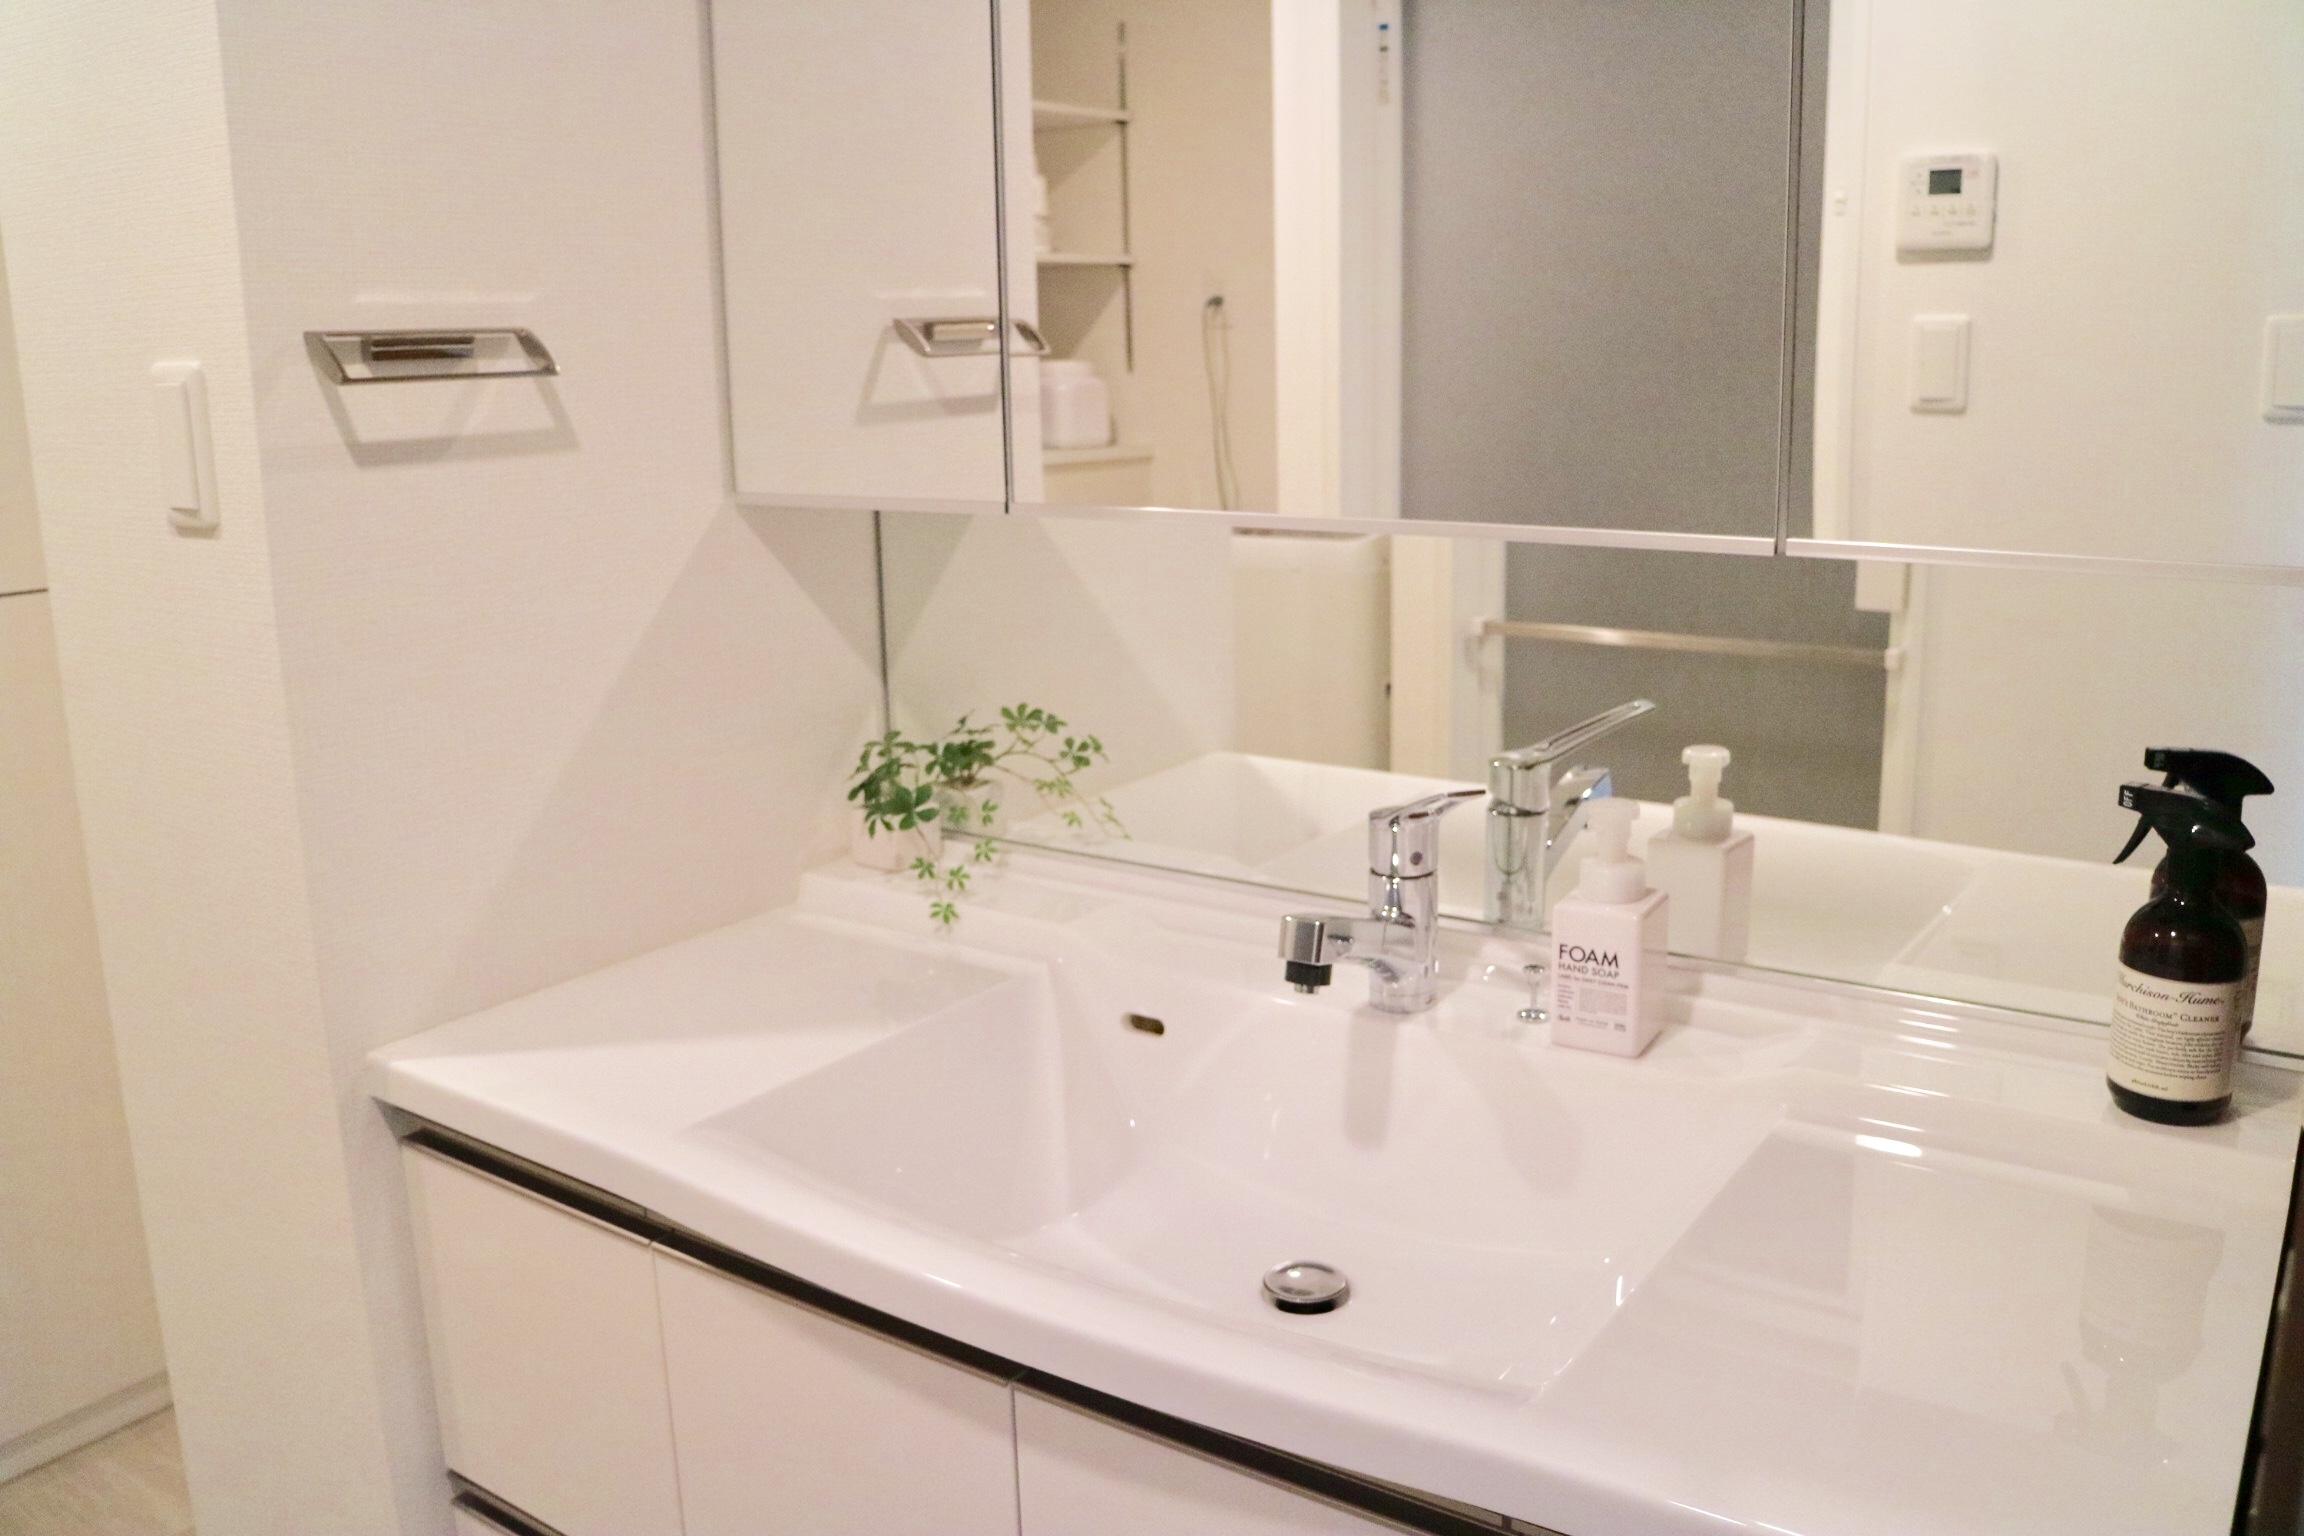 マンションのお洒落な洗面台をキレイに保つ秘訣。クエン酸なしで水垢落とし